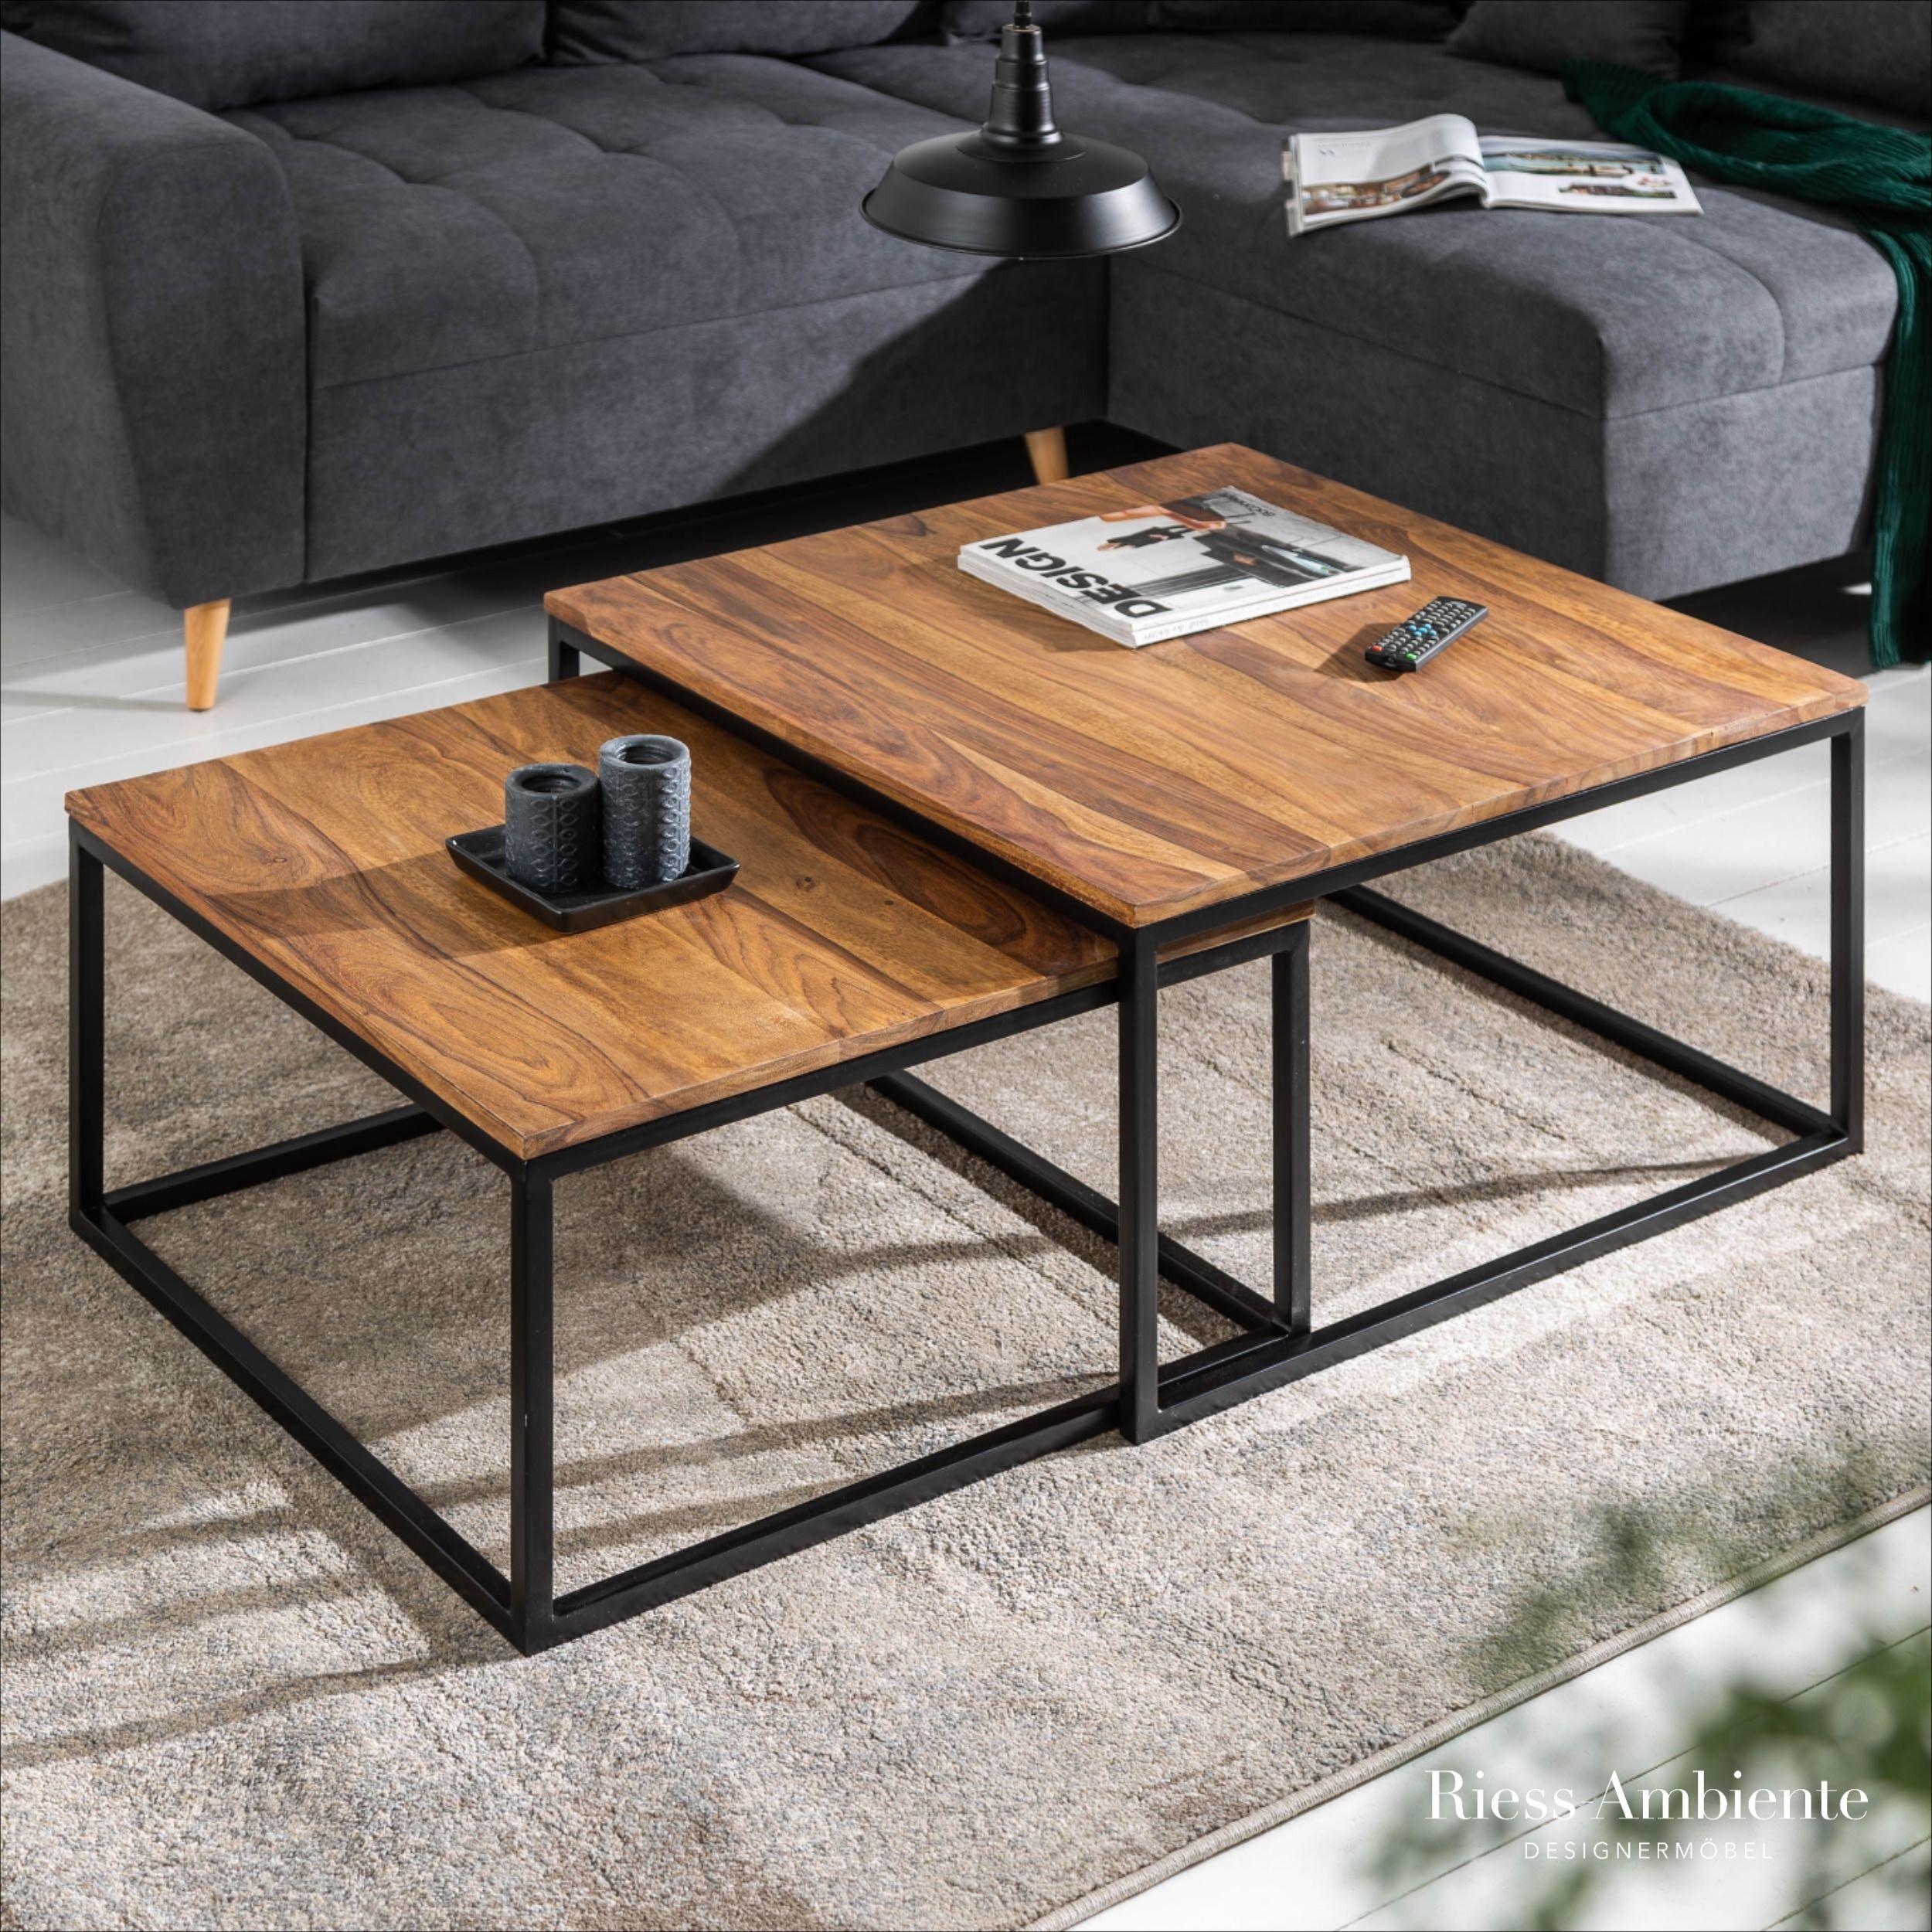 Design Couchtisch 2er Set Elements 75cm Sheesham Stone Finish Mit Eisengestell Riess Ambiente De Couchtisch Massivholz Couchtisch Wohnzimmertisch